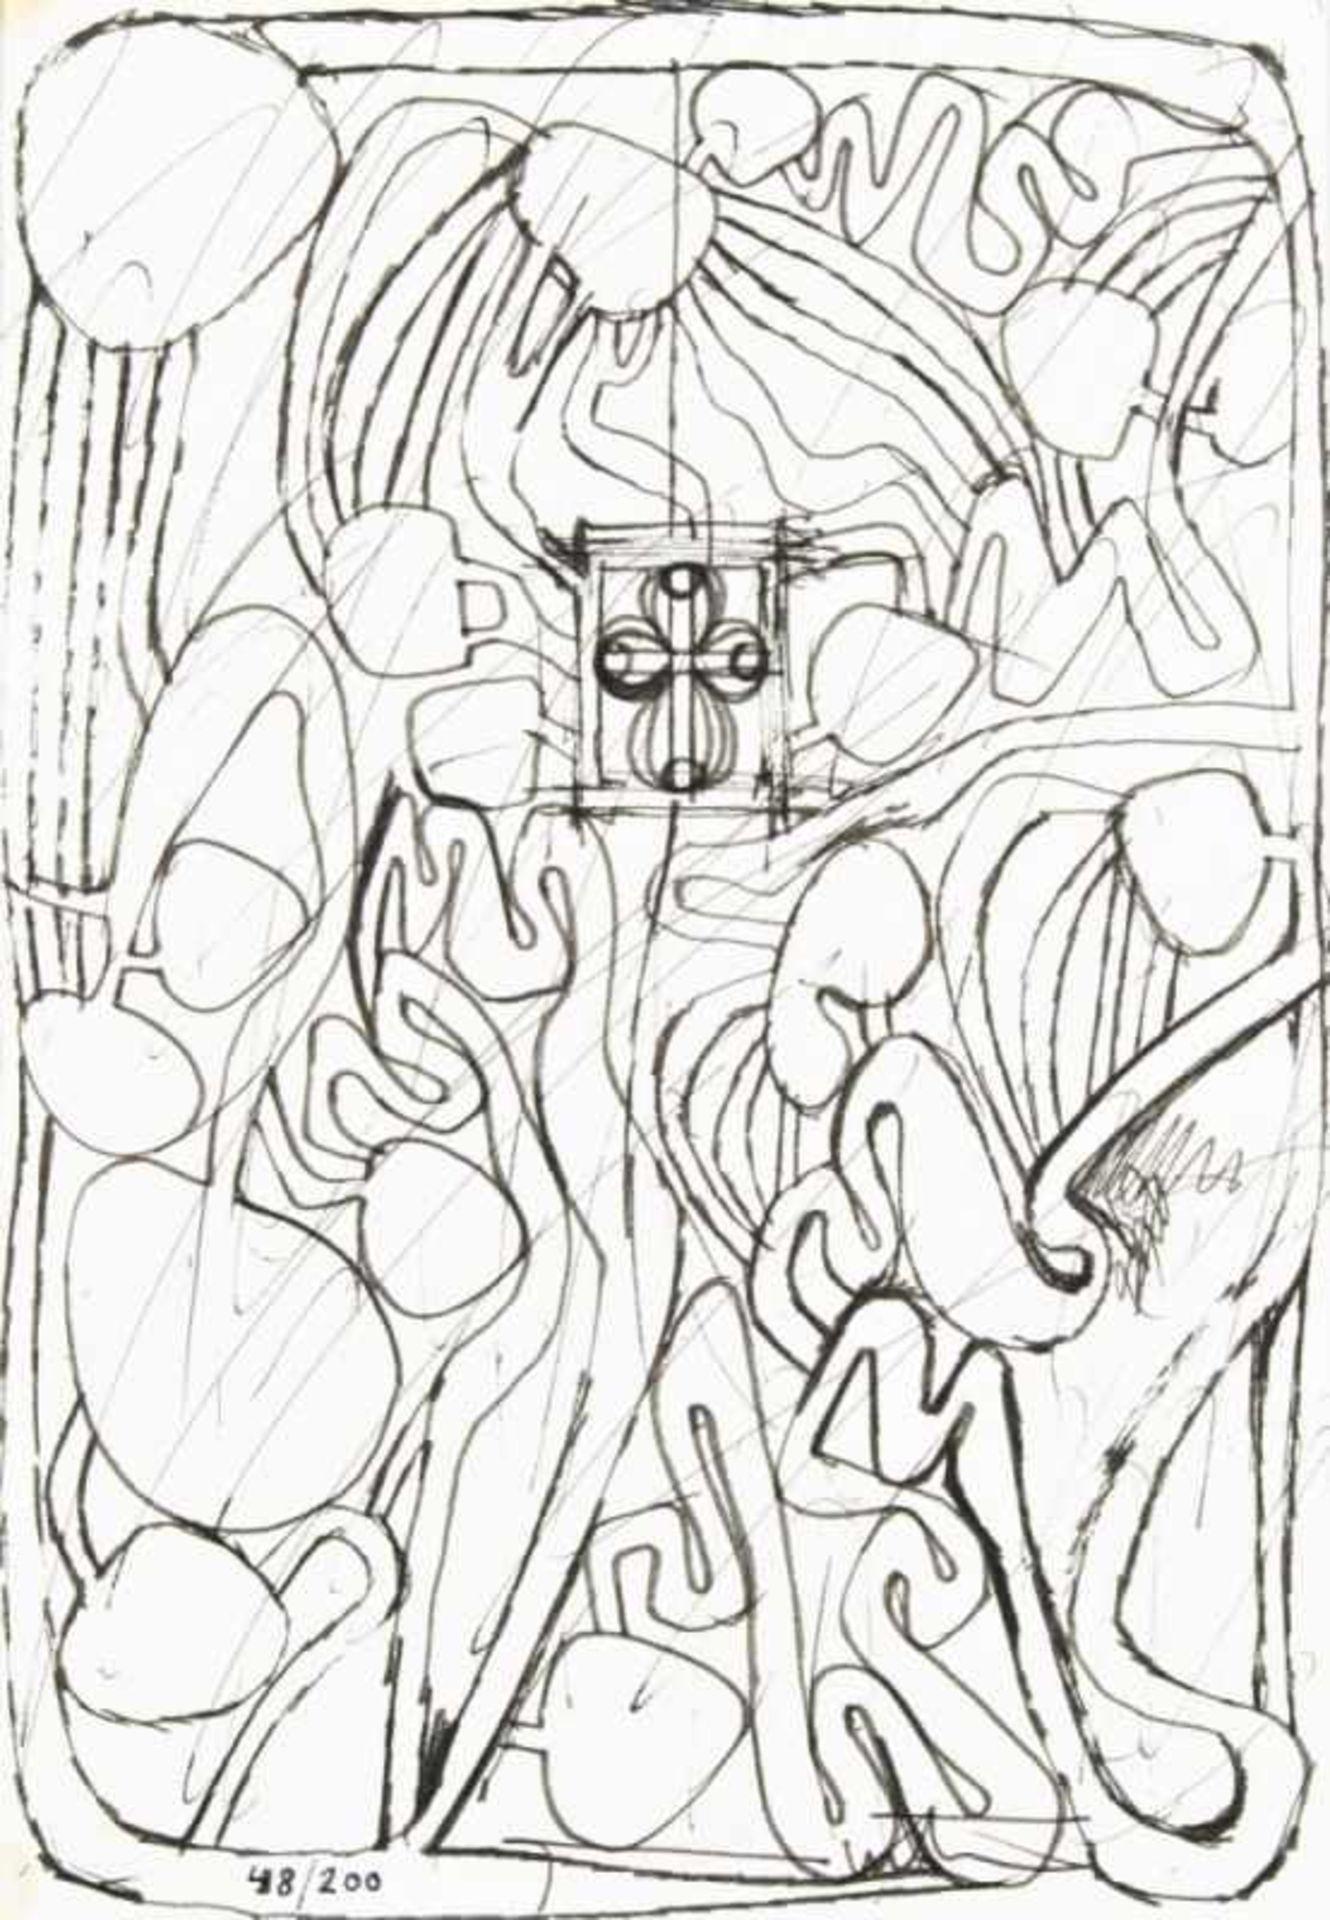 Los 31 - HERMANN NITSCH(1938 WIEN)ARCHITEKTURZEICHNUNGaus einer SerieFilzstift auf Papier, 23,5 x 17,4